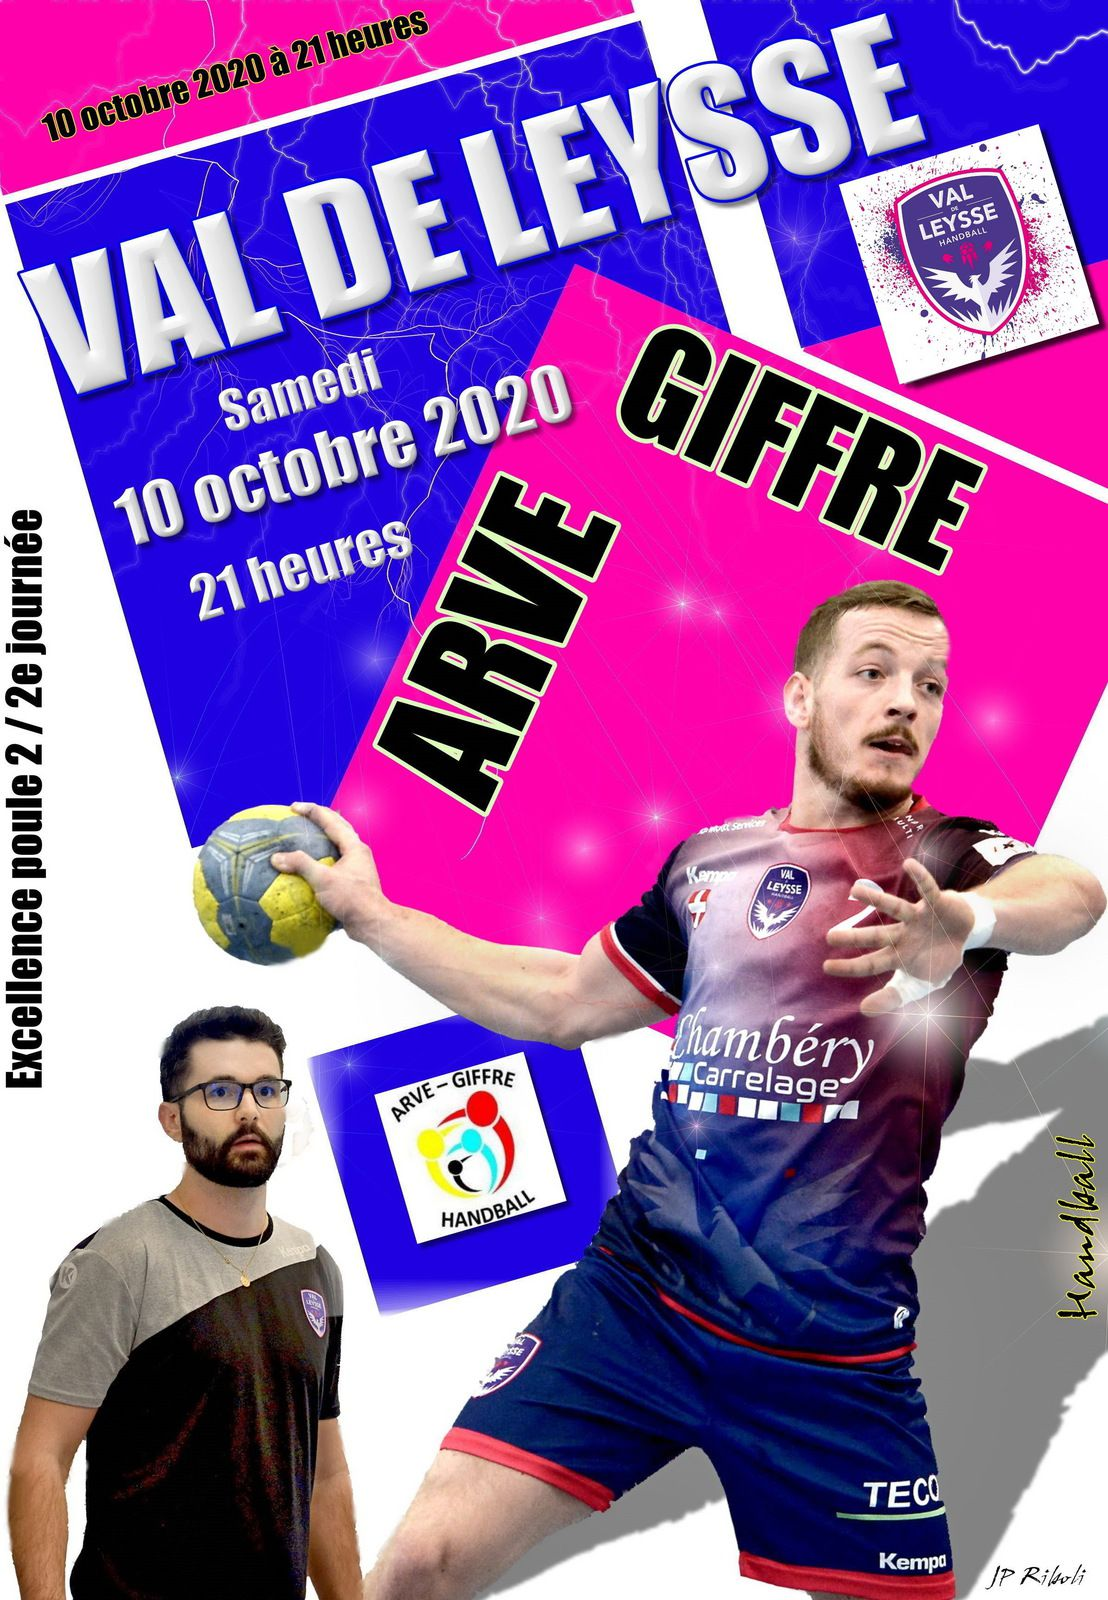 Le planning des rencontres séniors du club du VAL DE LEYSSSE samedi 10 et dimanche 11 octobre 2020